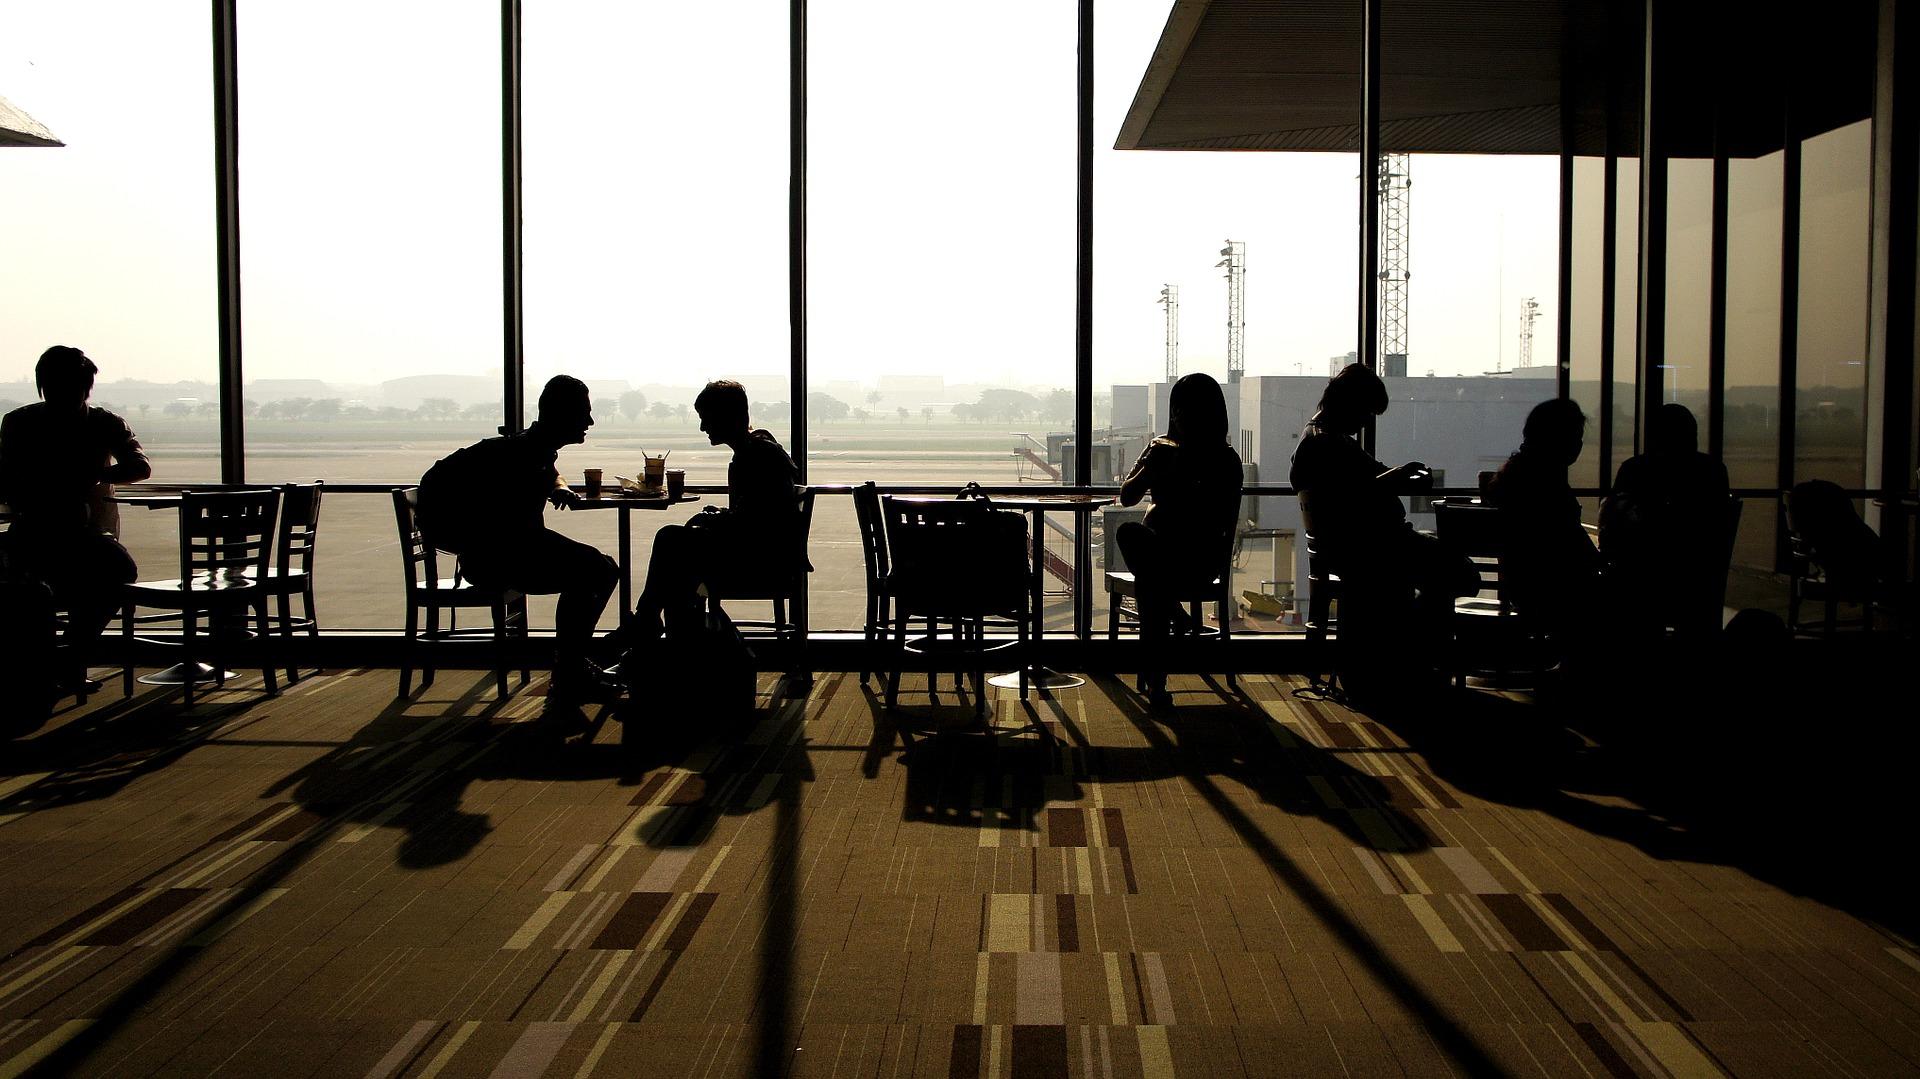 aeroporto fiumicino negozi duty free